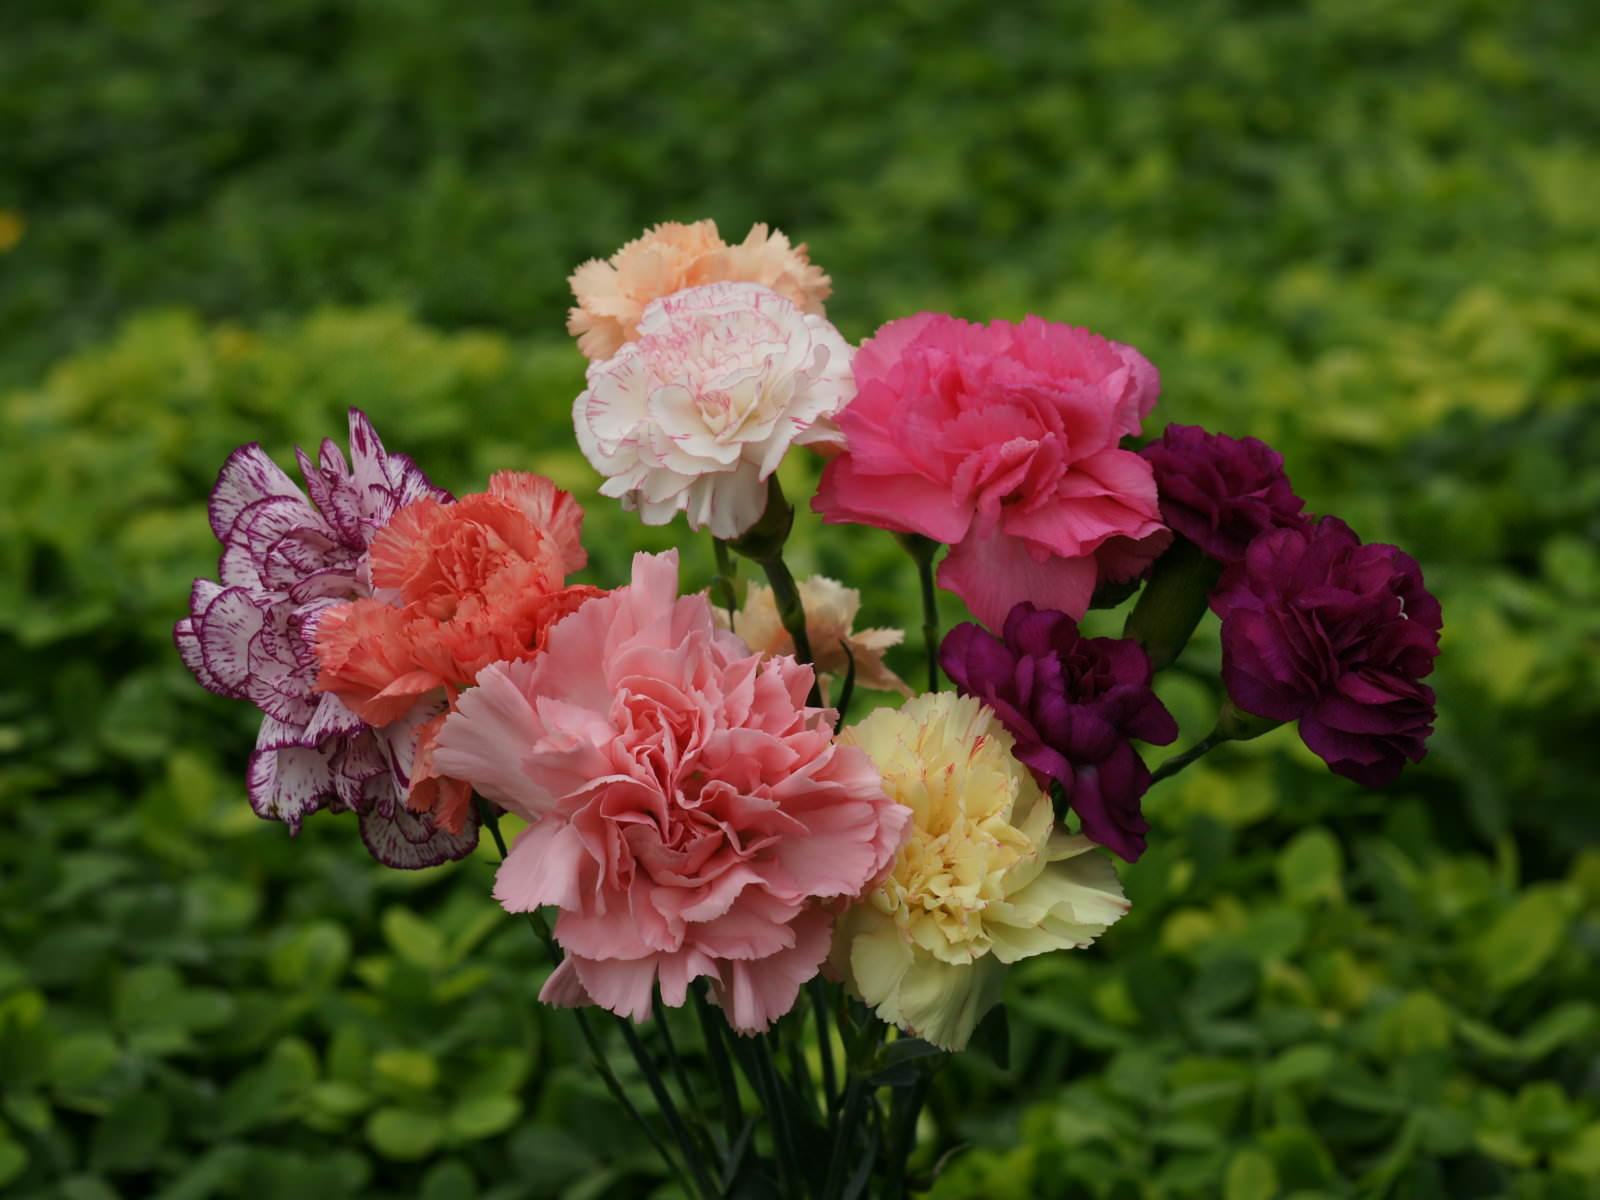 Hình ảnh đẹp về các loài hoa Cẩm chướng